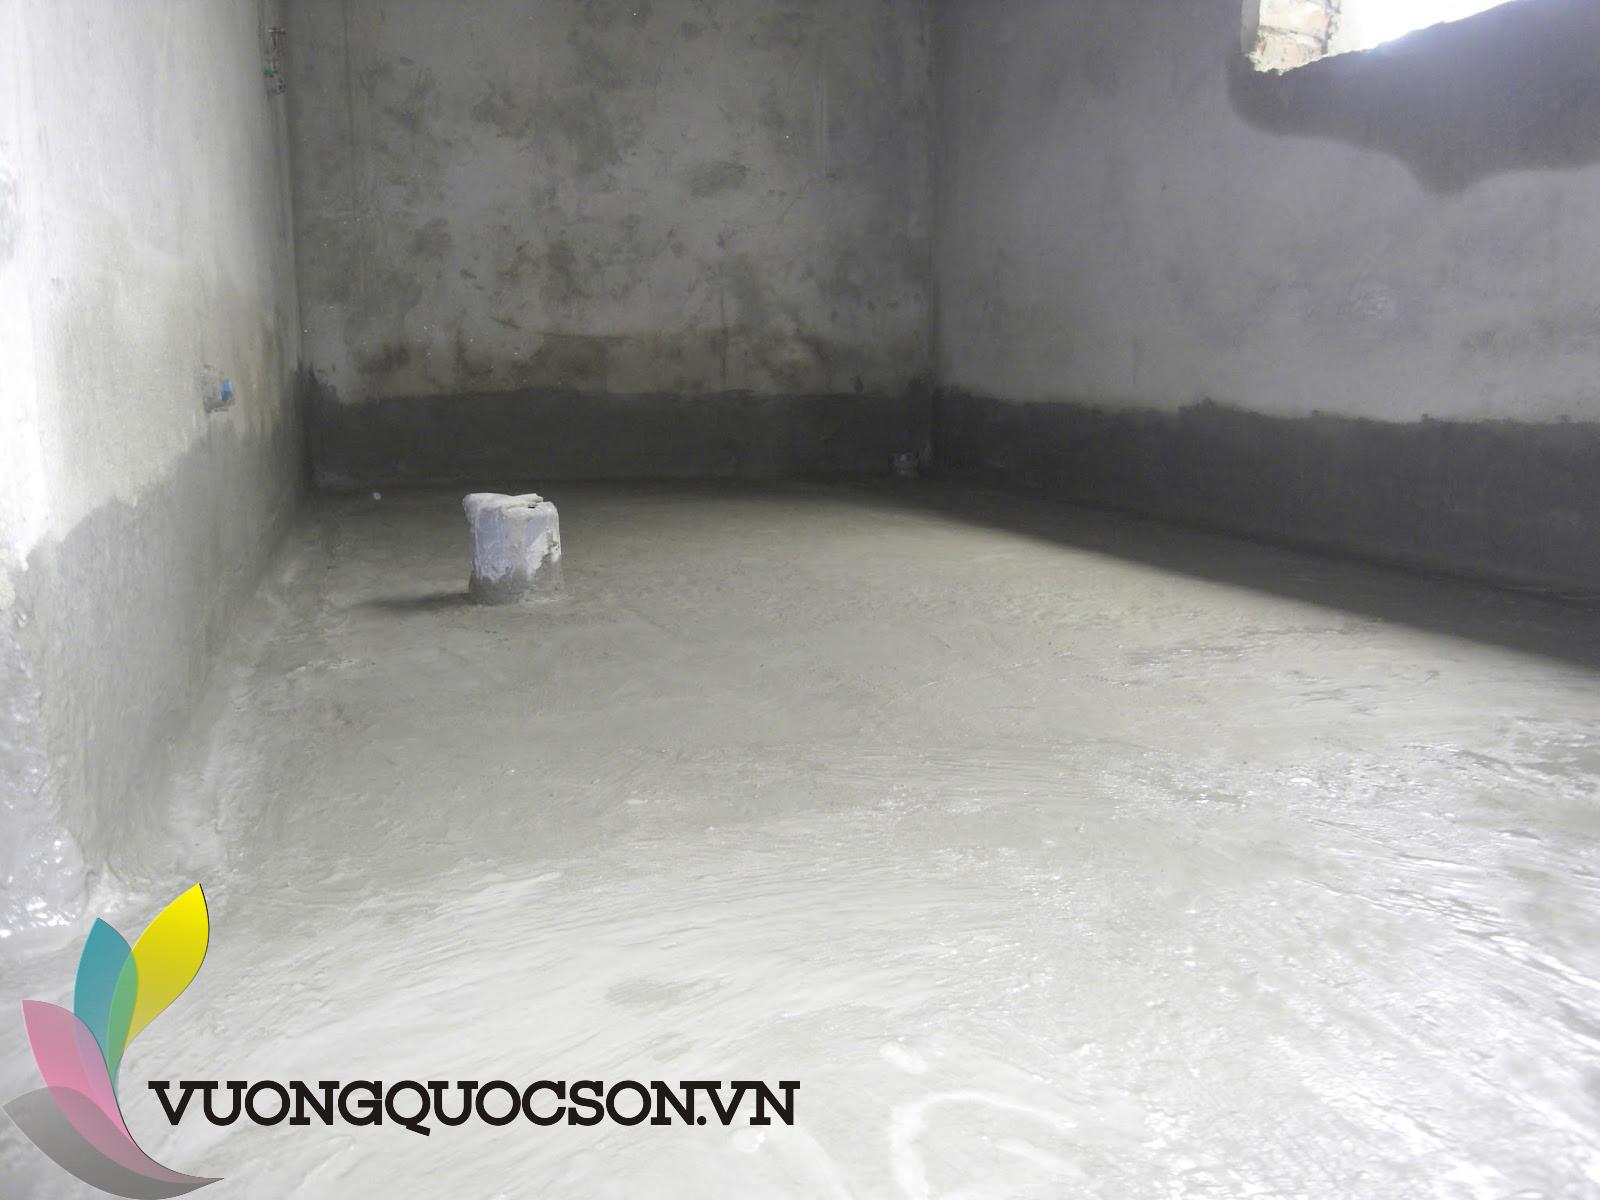 Kết quả hình ảnh cho site:https://vuongquocson.vn